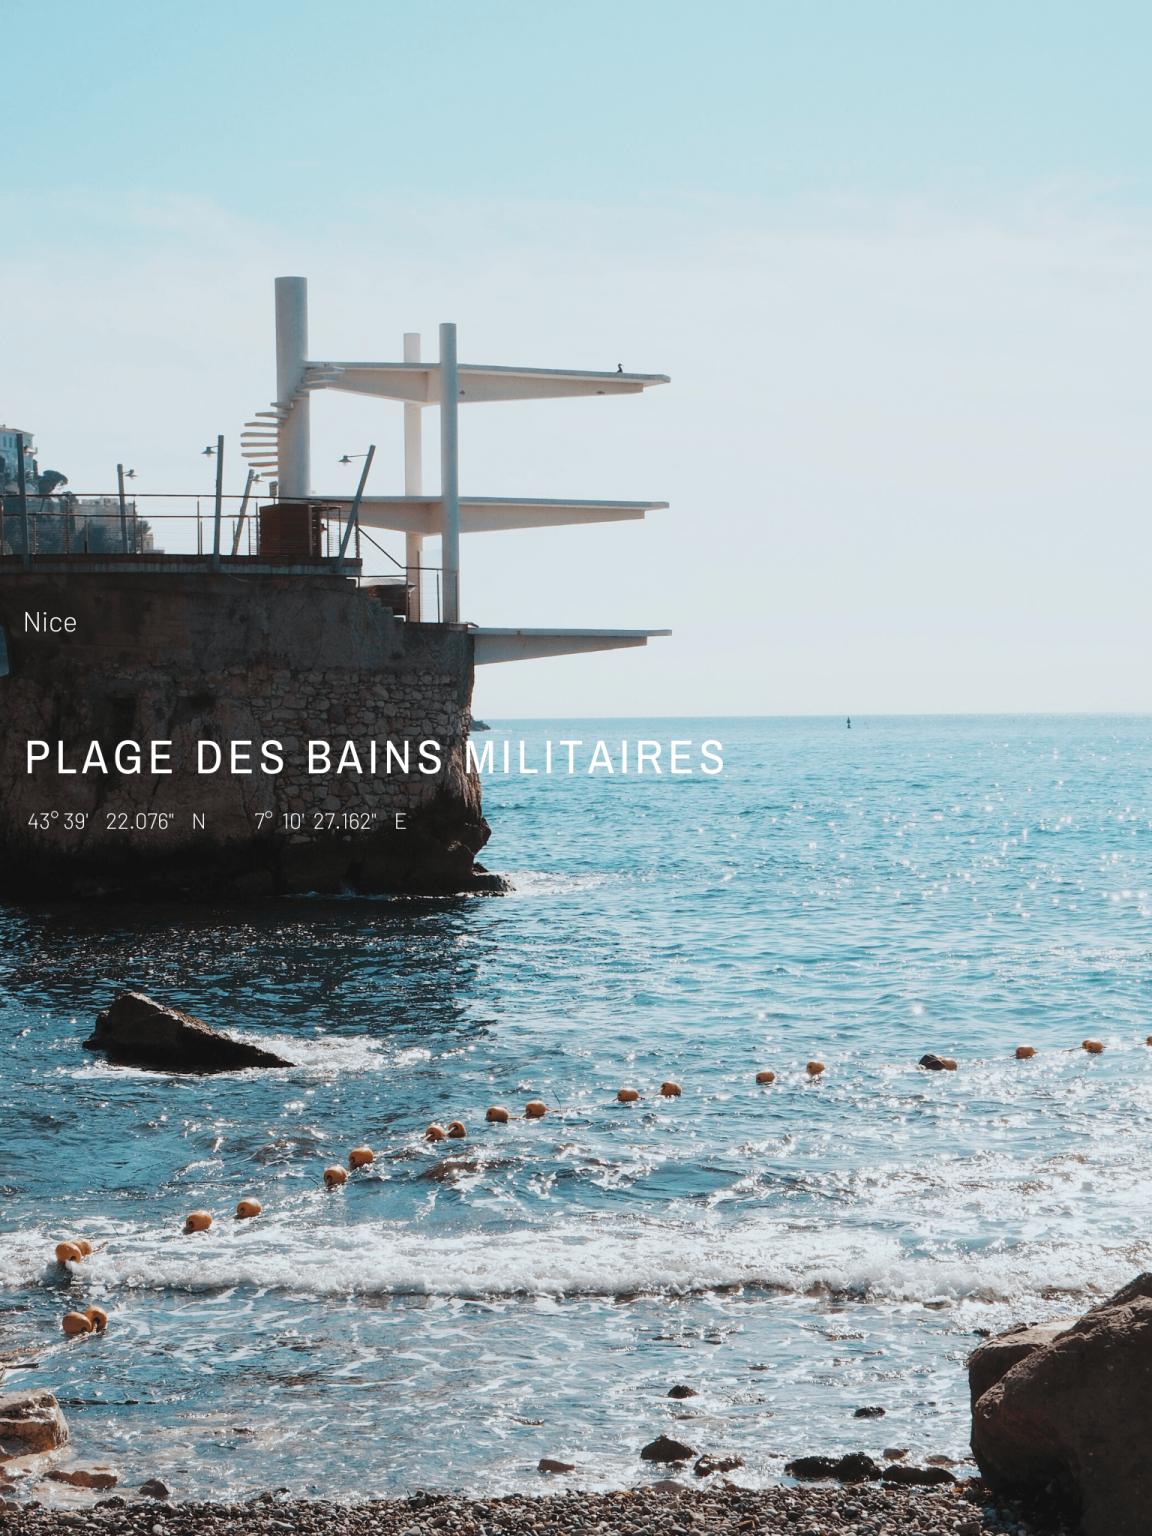 Plage des bains militaires   Nice